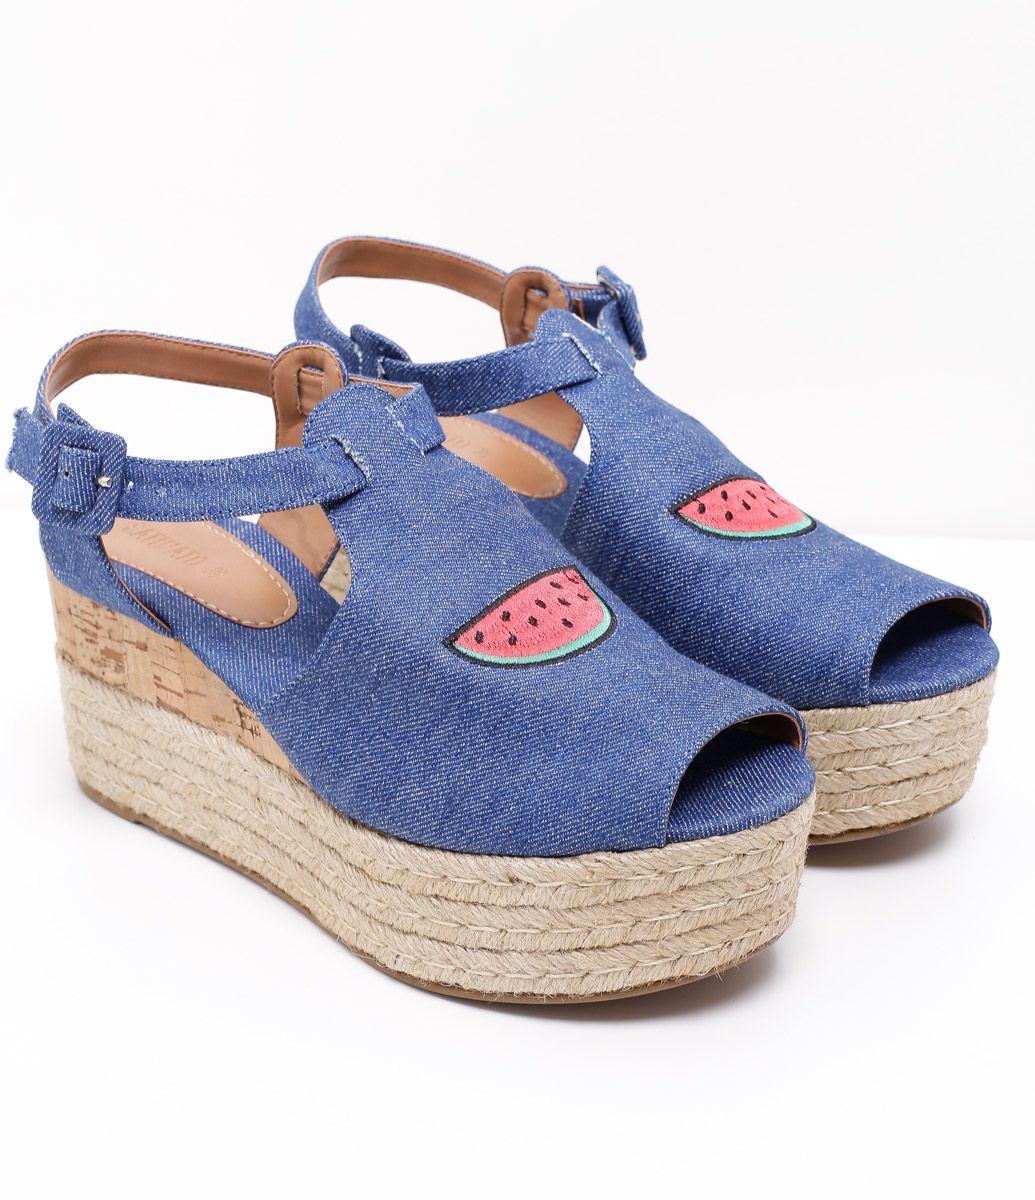 82fa4fe97 Sandália feminina Material: jeans Com bordado Marca: Satinato COLEÇÃO VERÃO  2017 Veja outras opções de sandálias femininas .